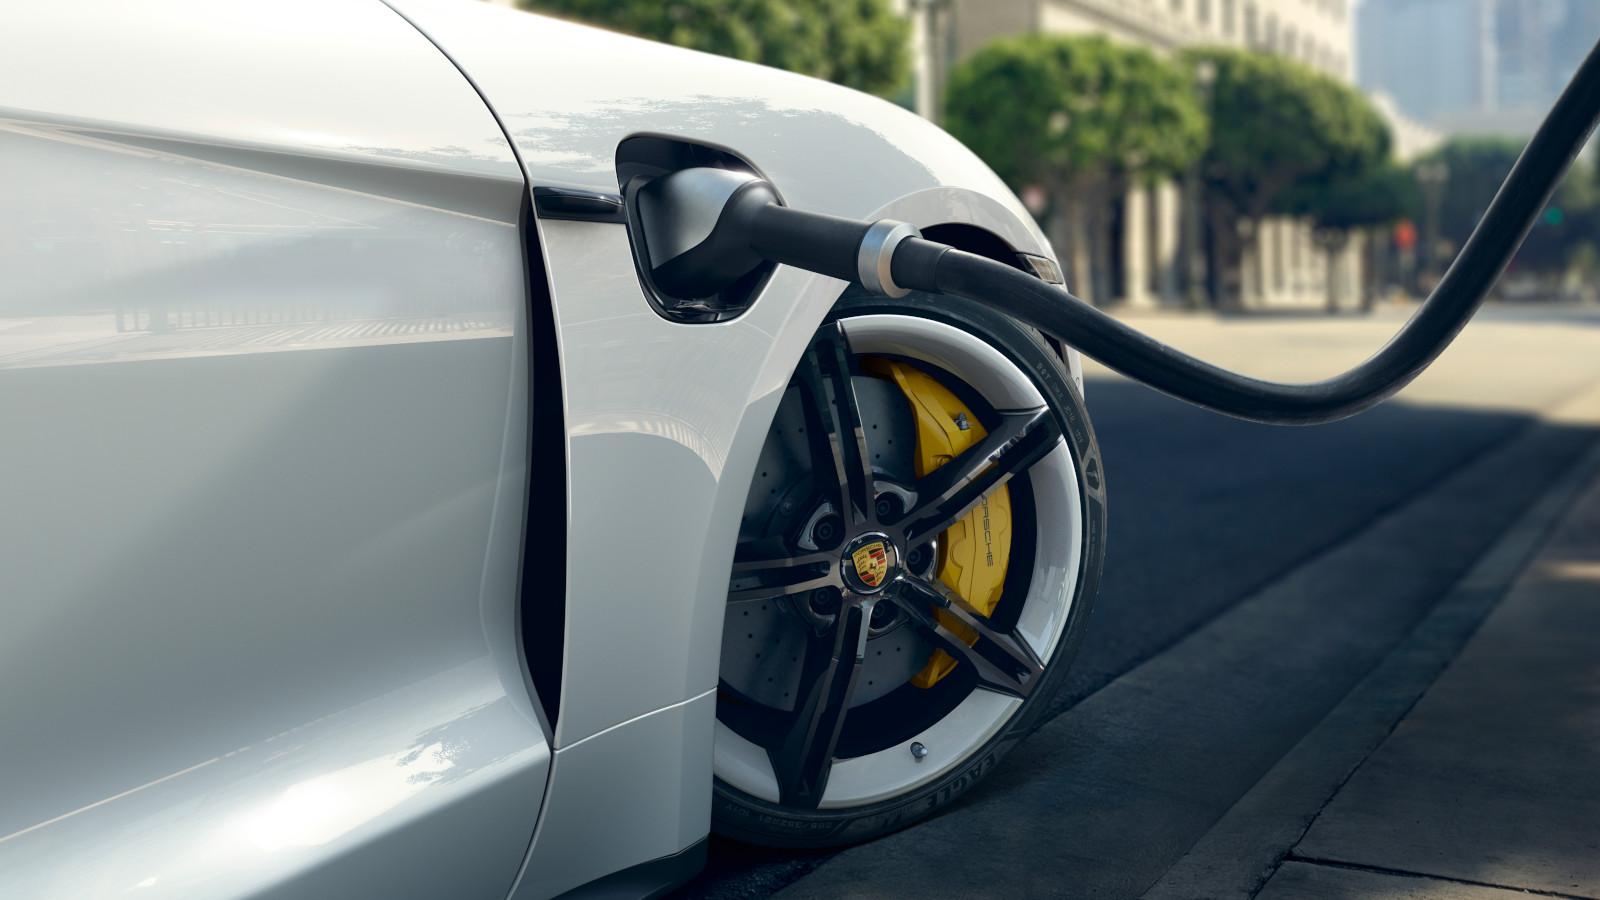 Porsche en Latam Mobility Virtual Summit, por una movilidad sostenible